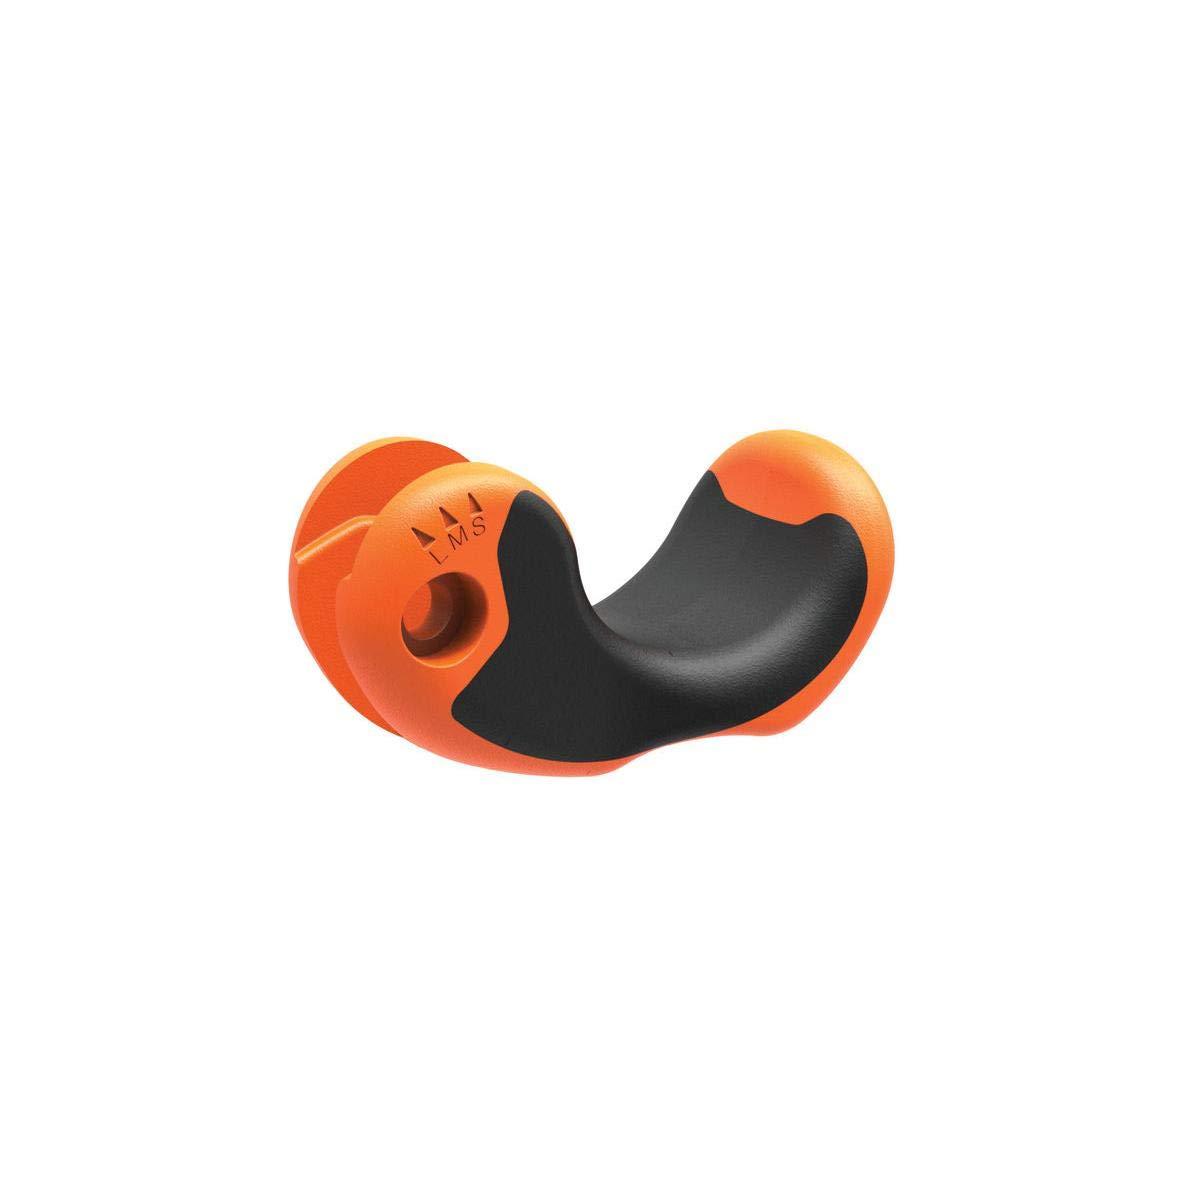 Petzl Griprest Ergonomic Handrest for Ergonomic Ice Axe